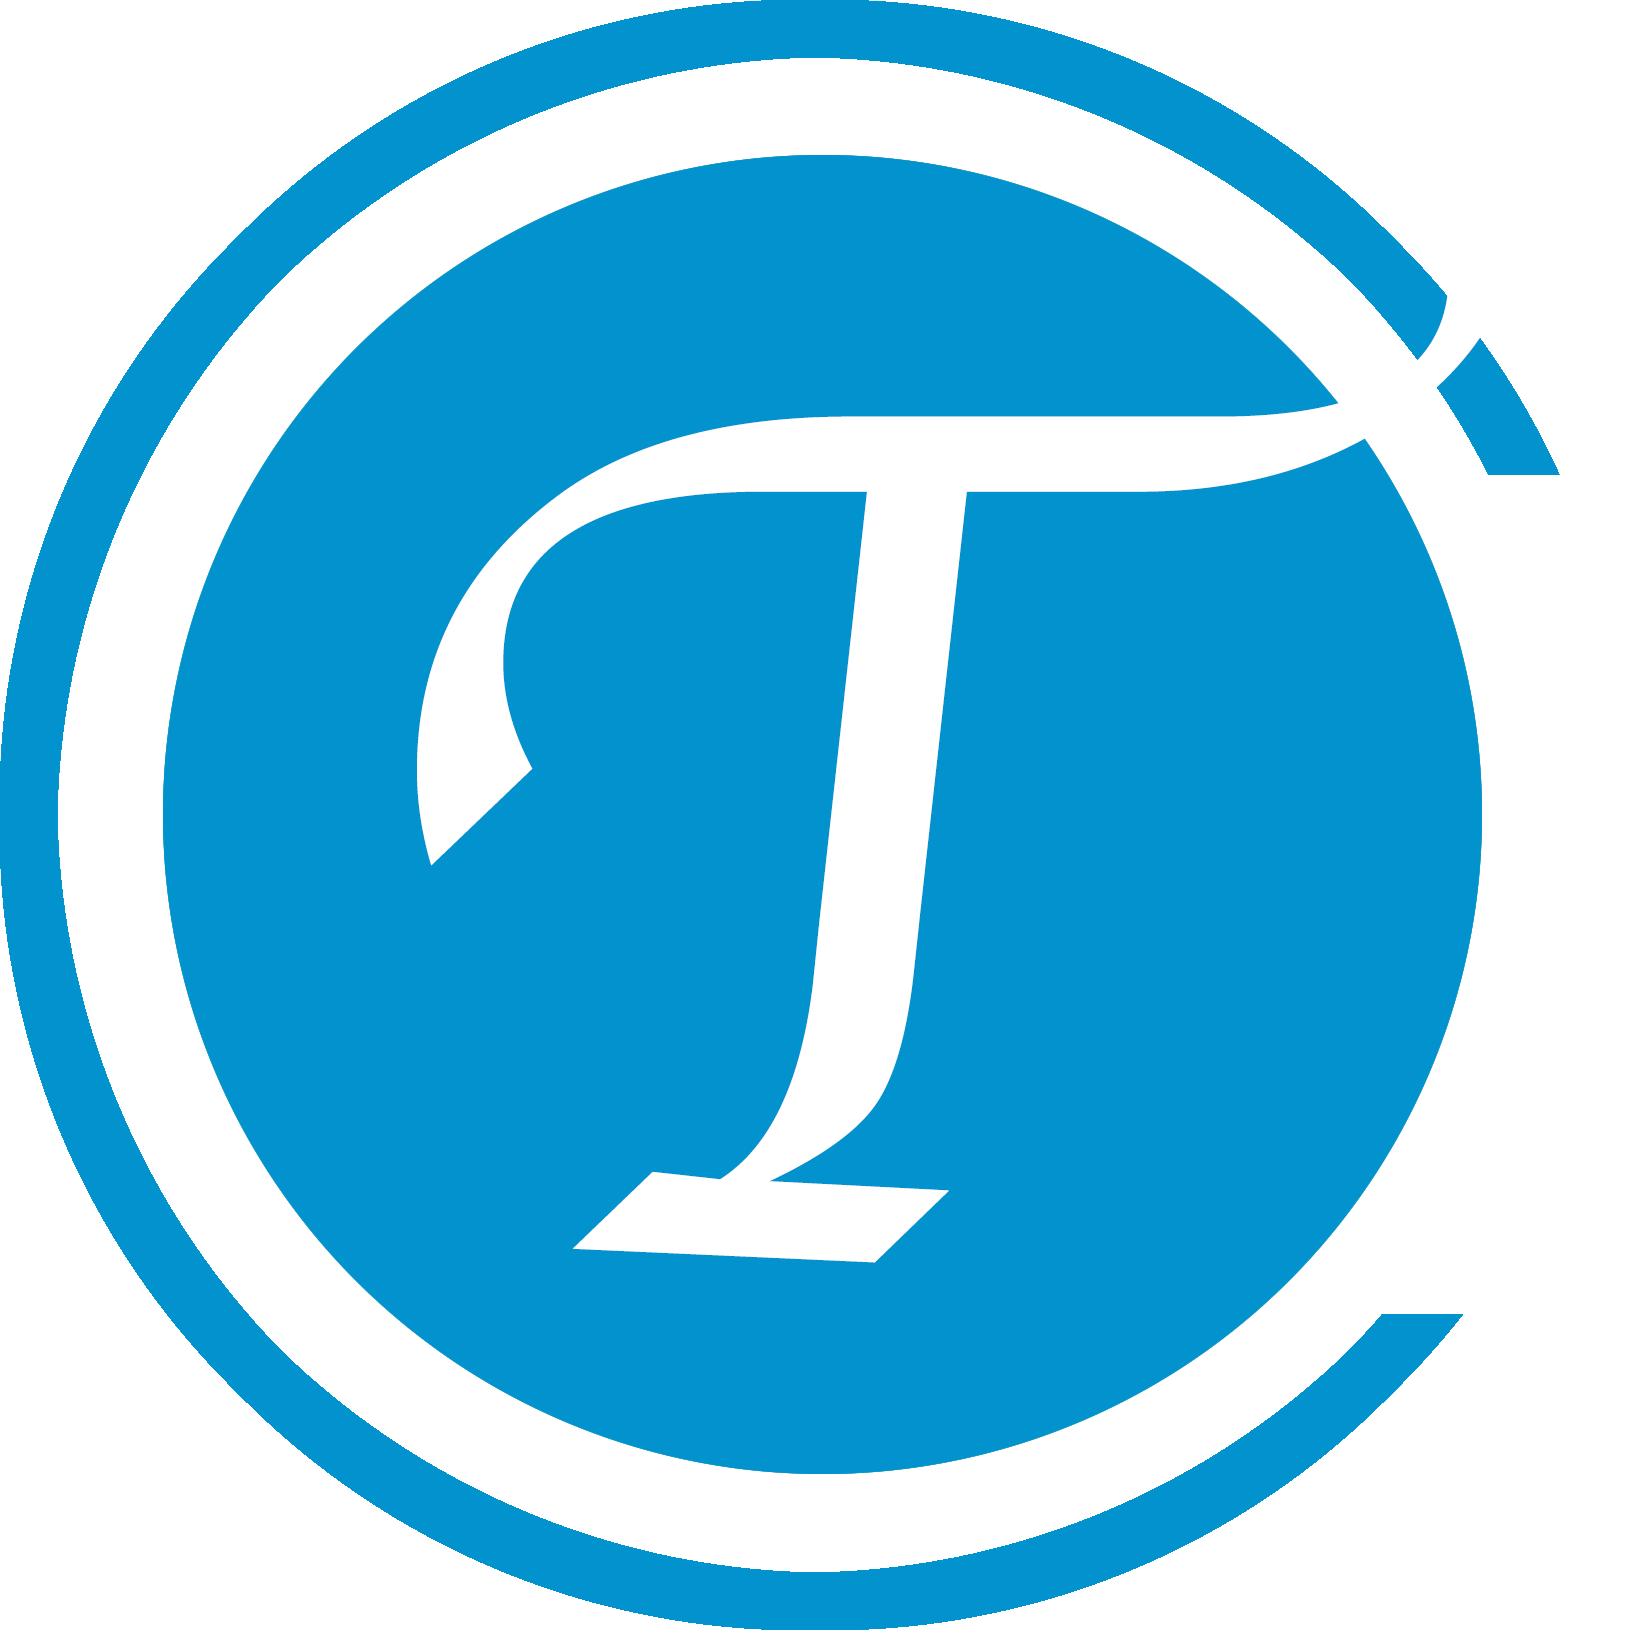 logo 标识 标志 设计 矢量 矢量图 素材 图标 1637_1638